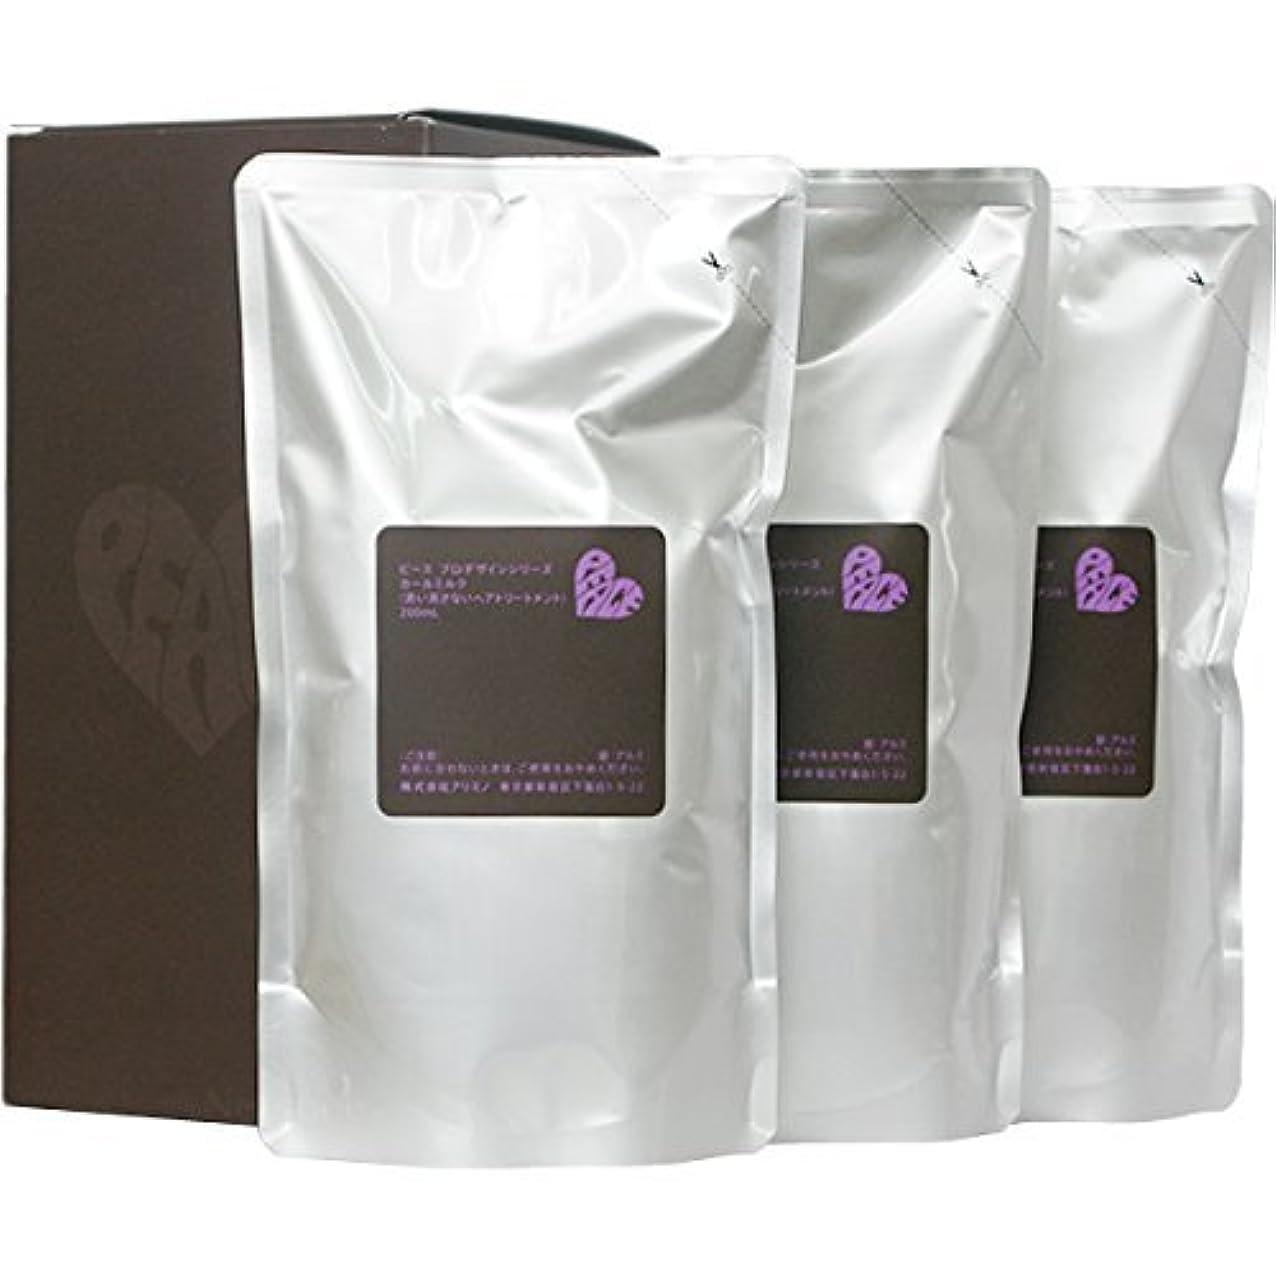 思い出戸惑うソーシャルピース プロデザインシリーズ カールミルク チョコ リフィル 200ml×3